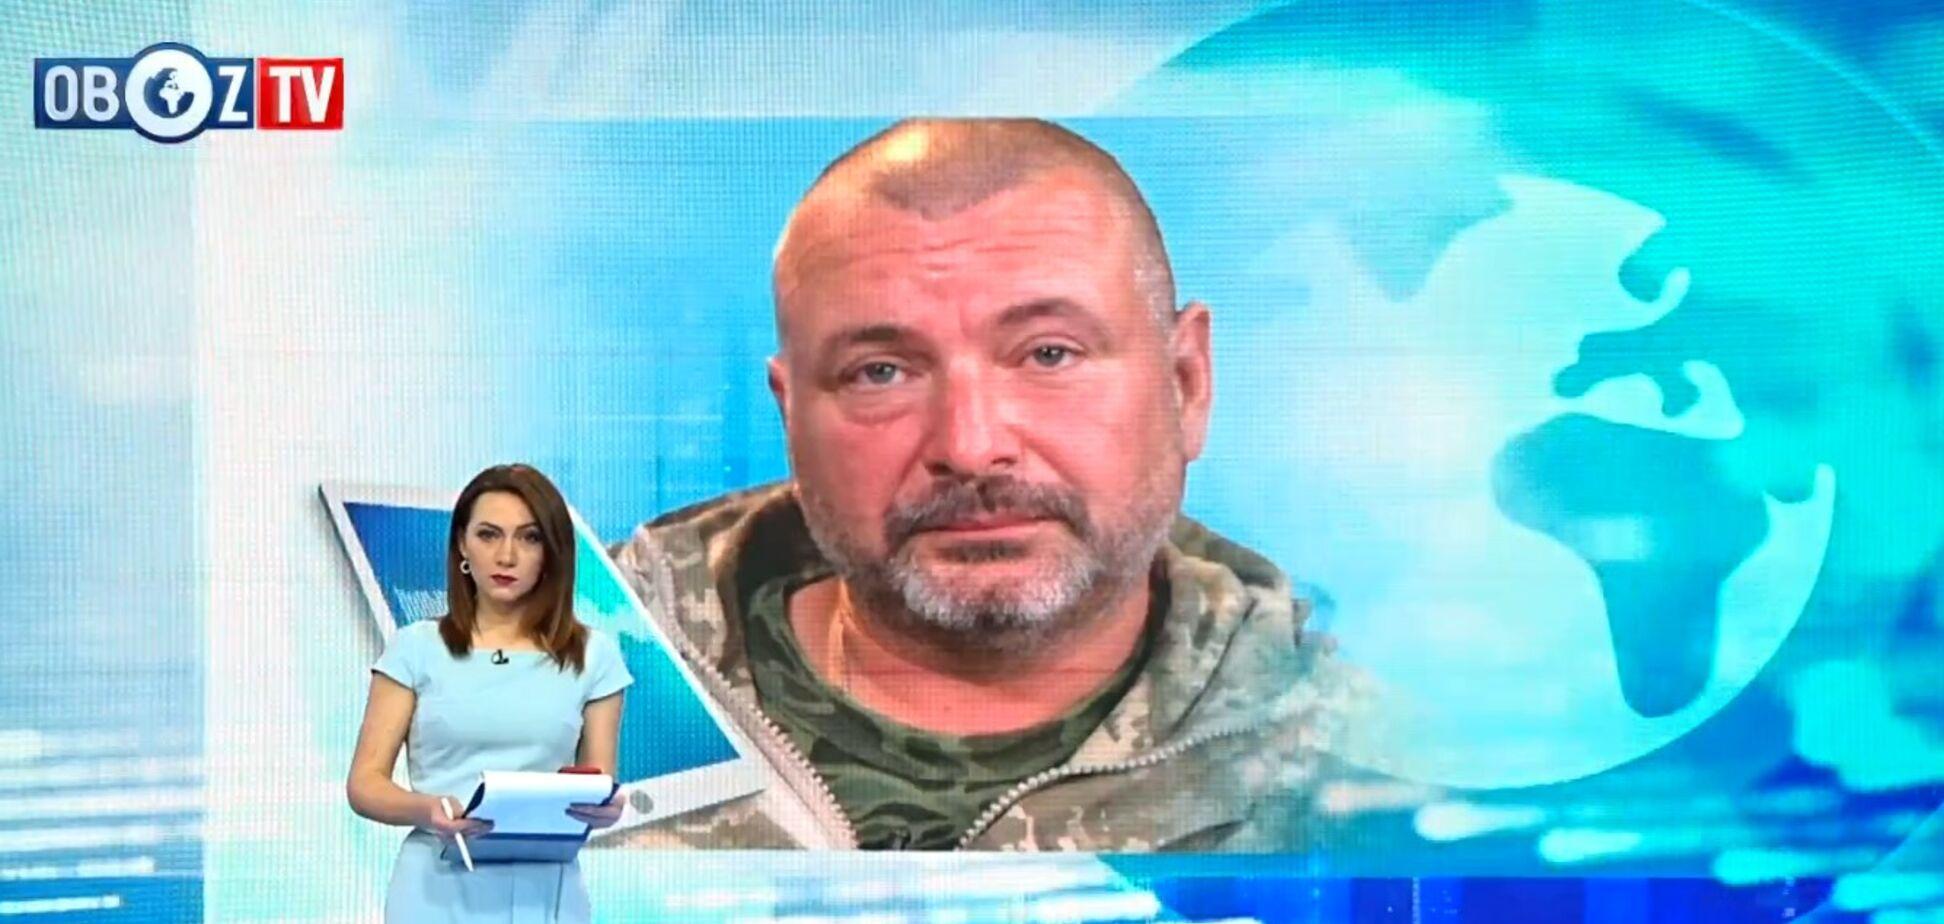 Совместное патрулирование Донбасса приведет к конфликту: ветеран АТО